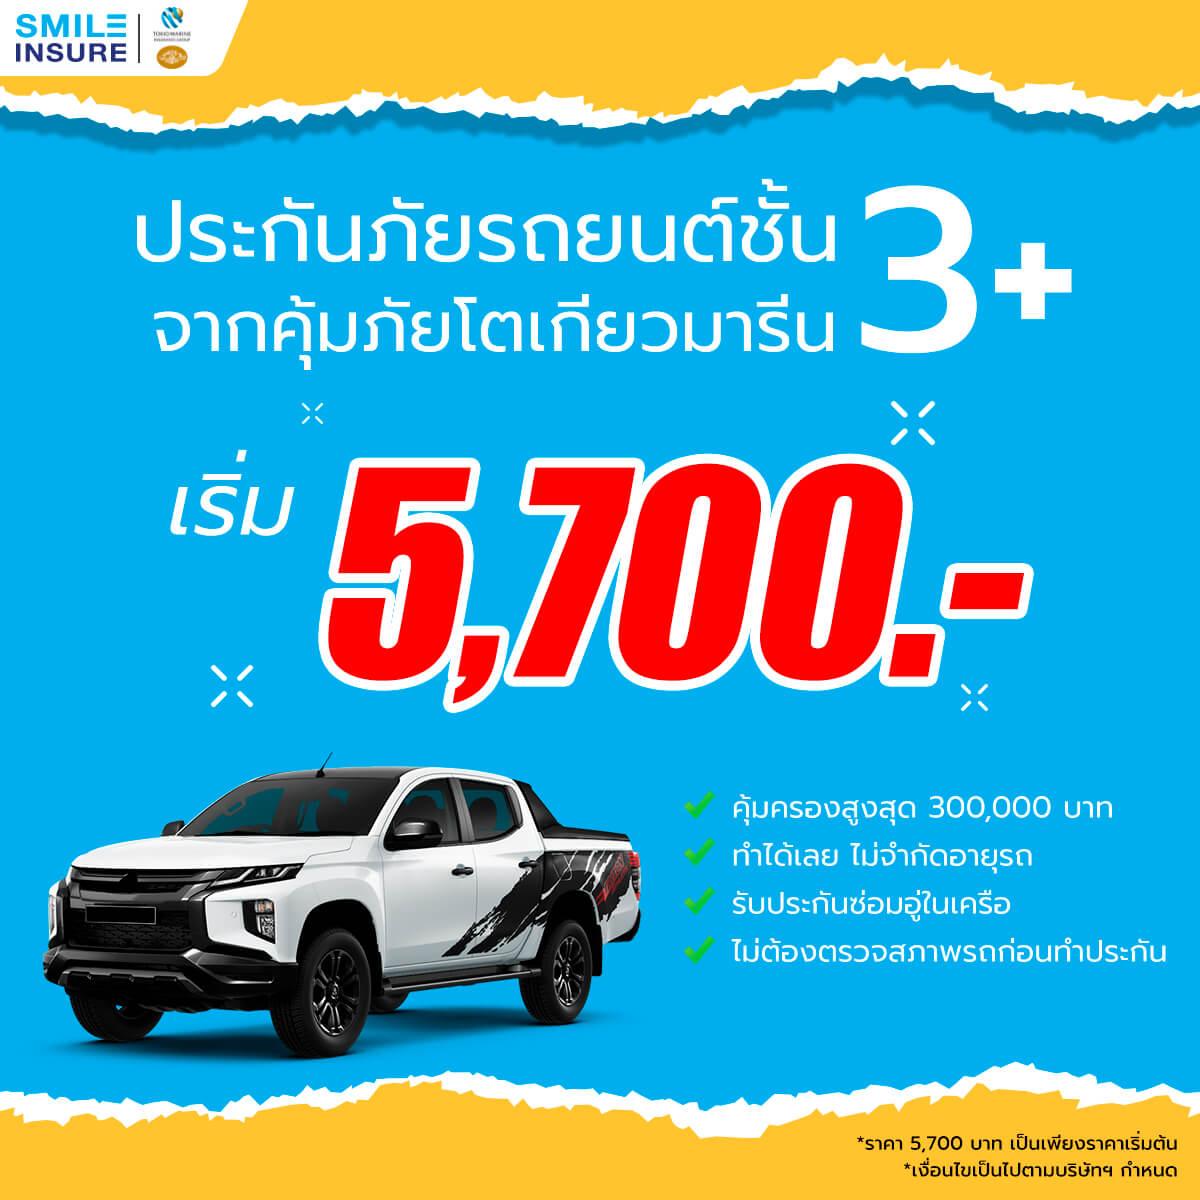 มีงบ 10,000 ทำประกันชั้นไหนได้บ้าง? ประกันภัยรถยนต์ชั้น 3+ จากคุ้มภัยโตเกียวมารีนประกันภัย เริ่ม 5,700 บาท/ปี | Smile Insure